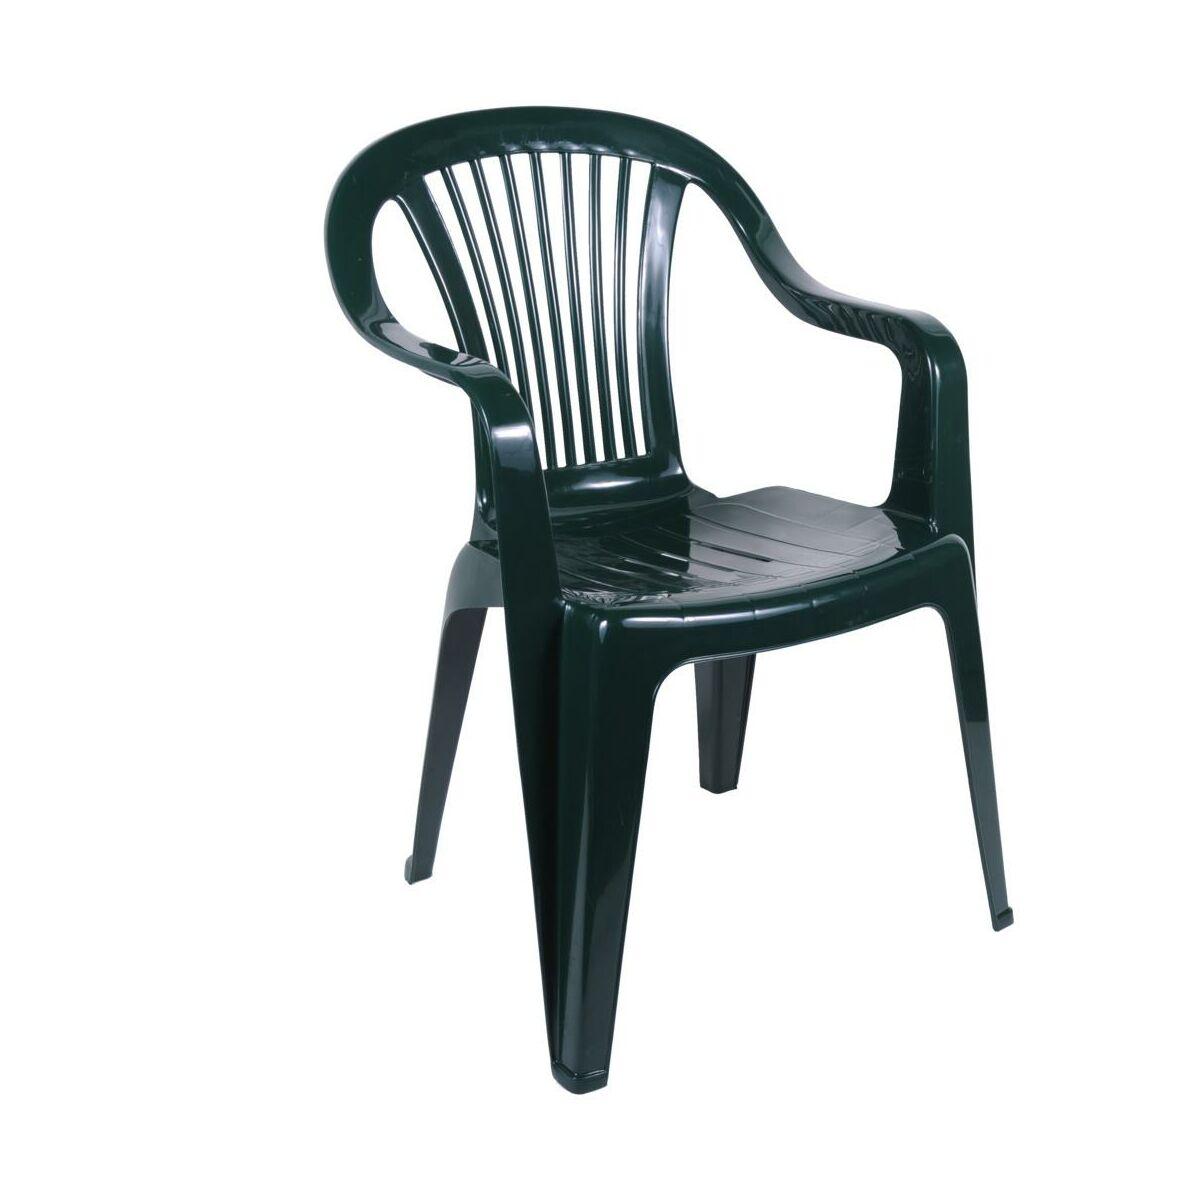 Krzeslo Ogrodowe Beryl Plastikowe Zielone Krzesla Fotele Lawki Ogrodowe W Atrakcyjnej Cenie W Sklepach Leroy Merlin